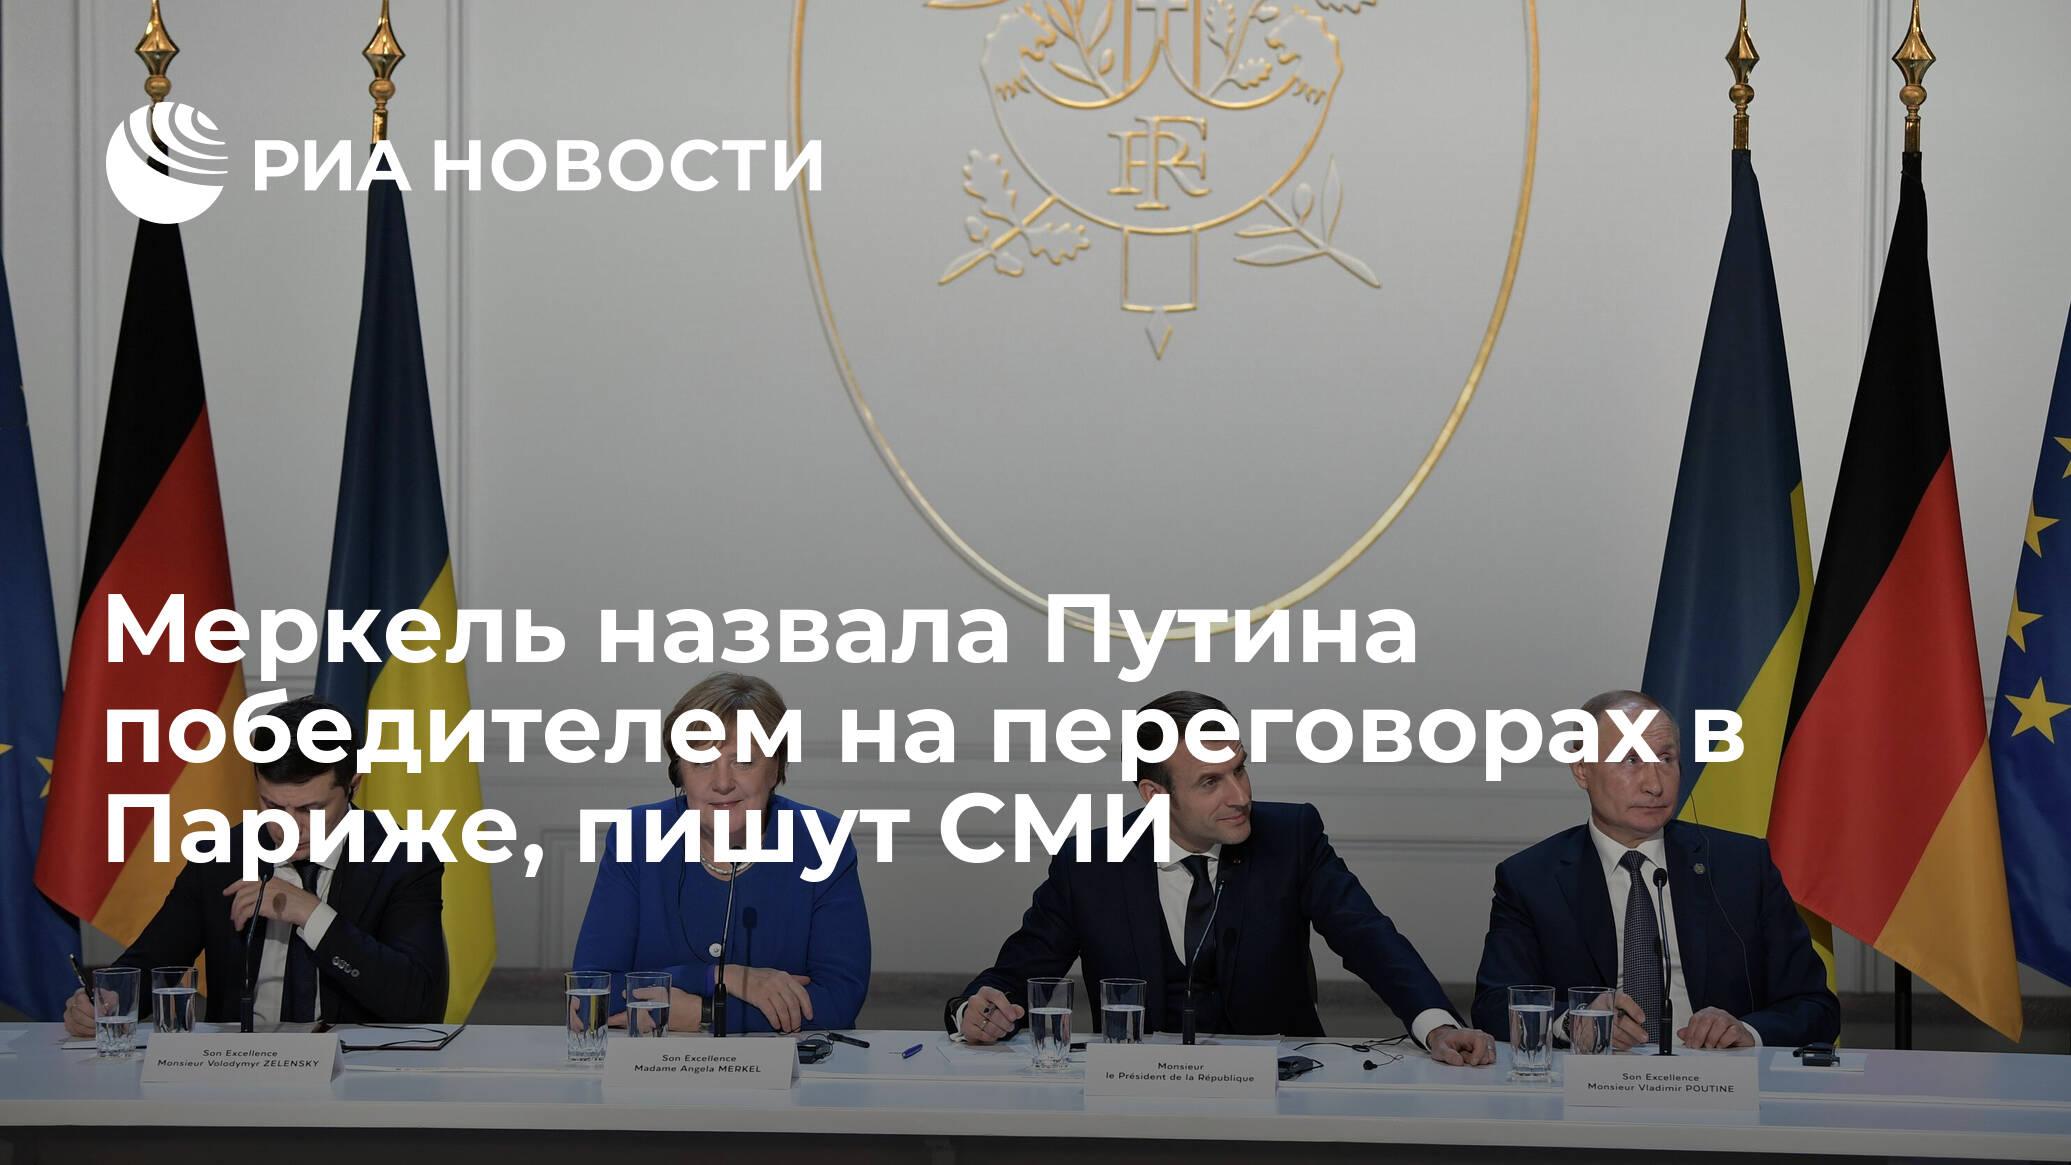 Меркель назвала Путина победителем на саммите в Париже, сообщили СМИ